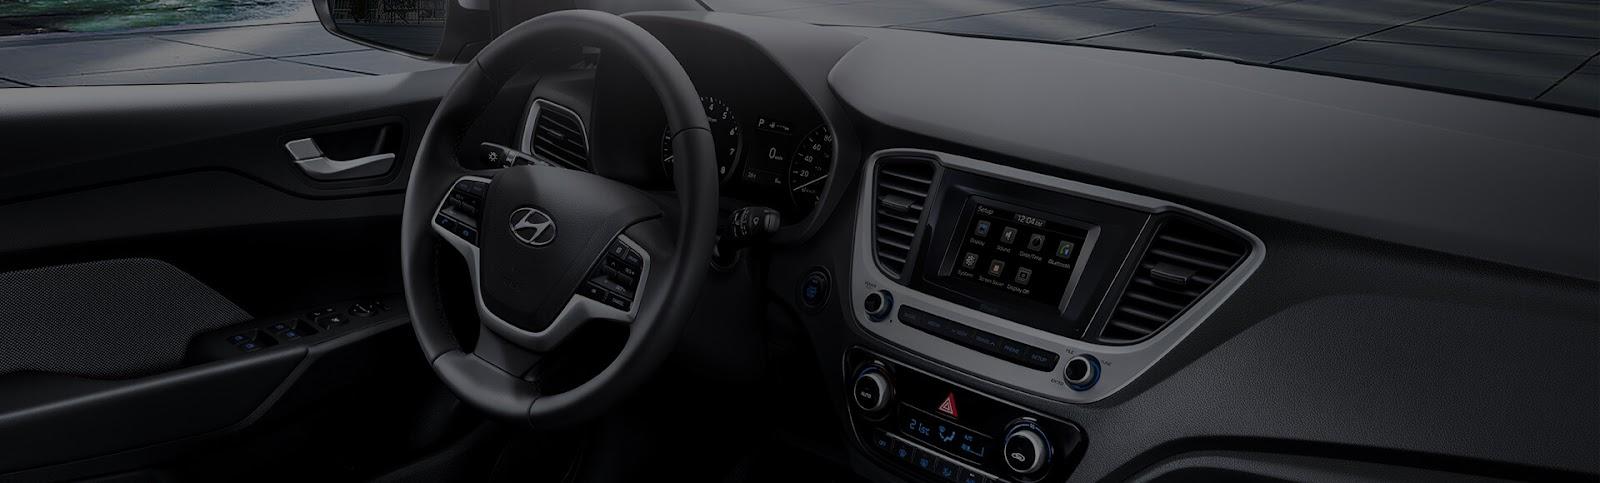 Với màn hình Cluster LCD 3,5 inch, bạn có thể theo dõi các thông số vận hành, tình trạng cũng như cài đặt các chức năng của xe.